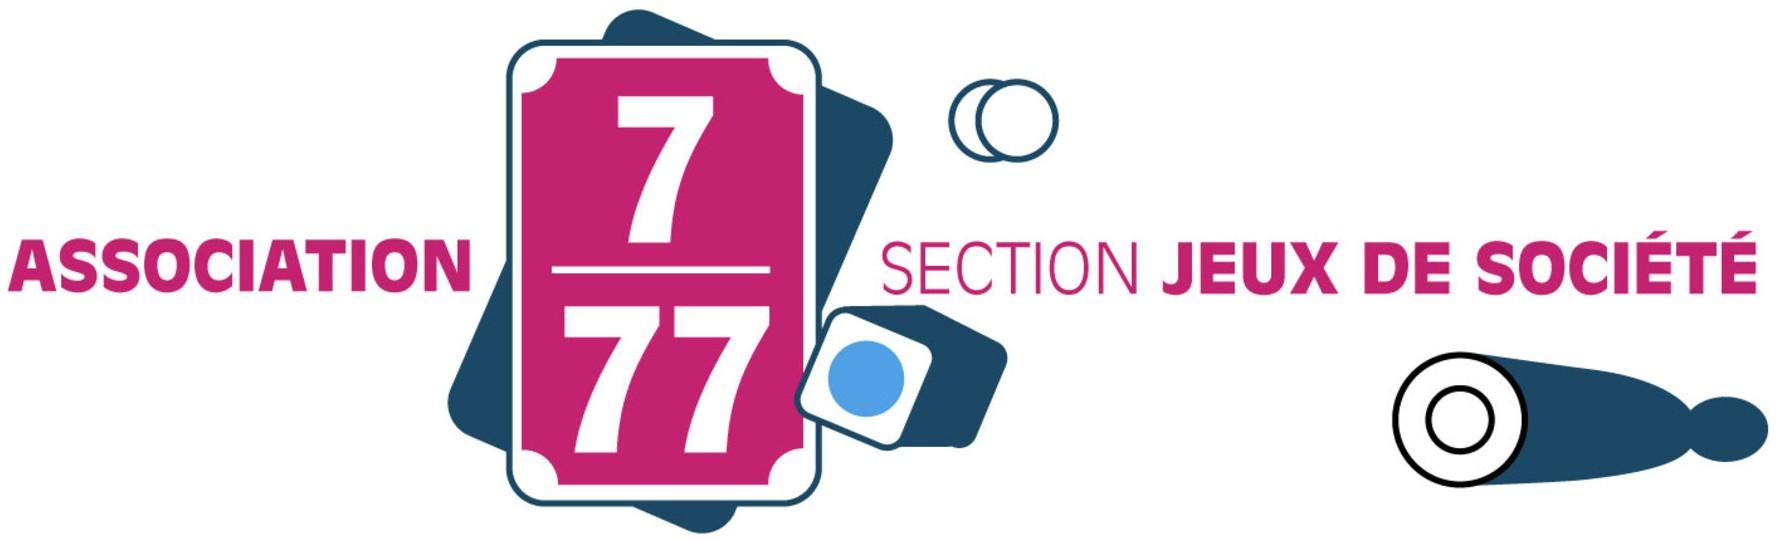 Association 7-77